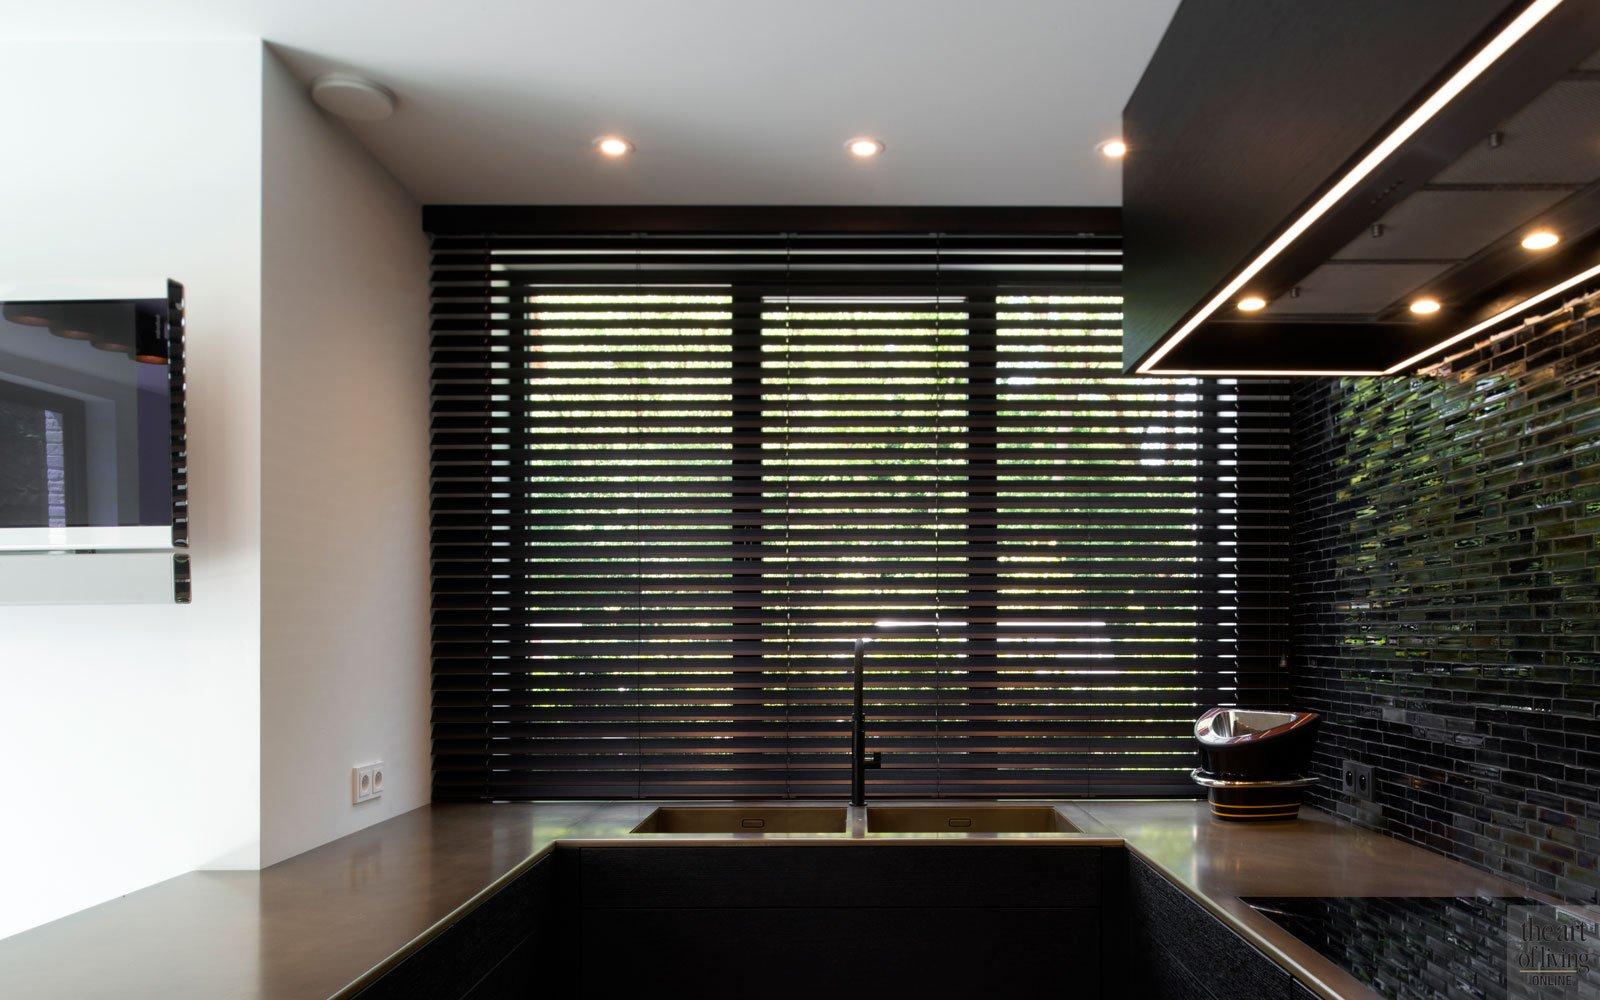 Maatwerk keuken, keukenblad in brons en messing, shutters, zonwering, ruime villa, HC Demyttenaere